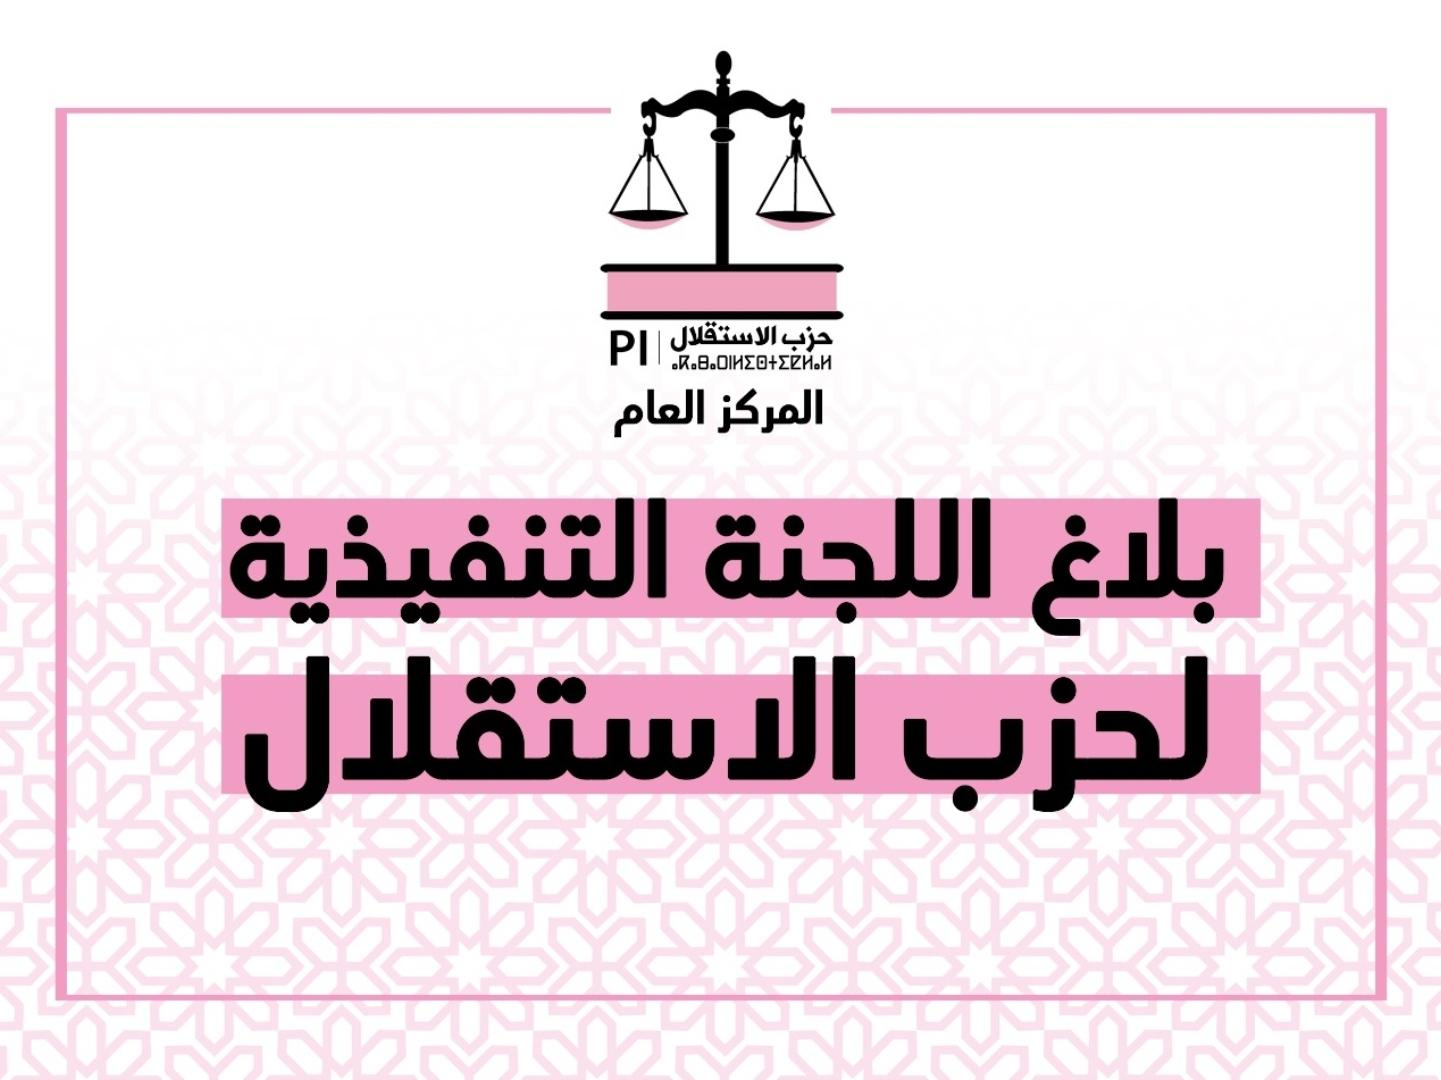 بلاغ اللجنة التنفيذية لحزب الاستقلال - الثلاثاء 16 مارس 2021